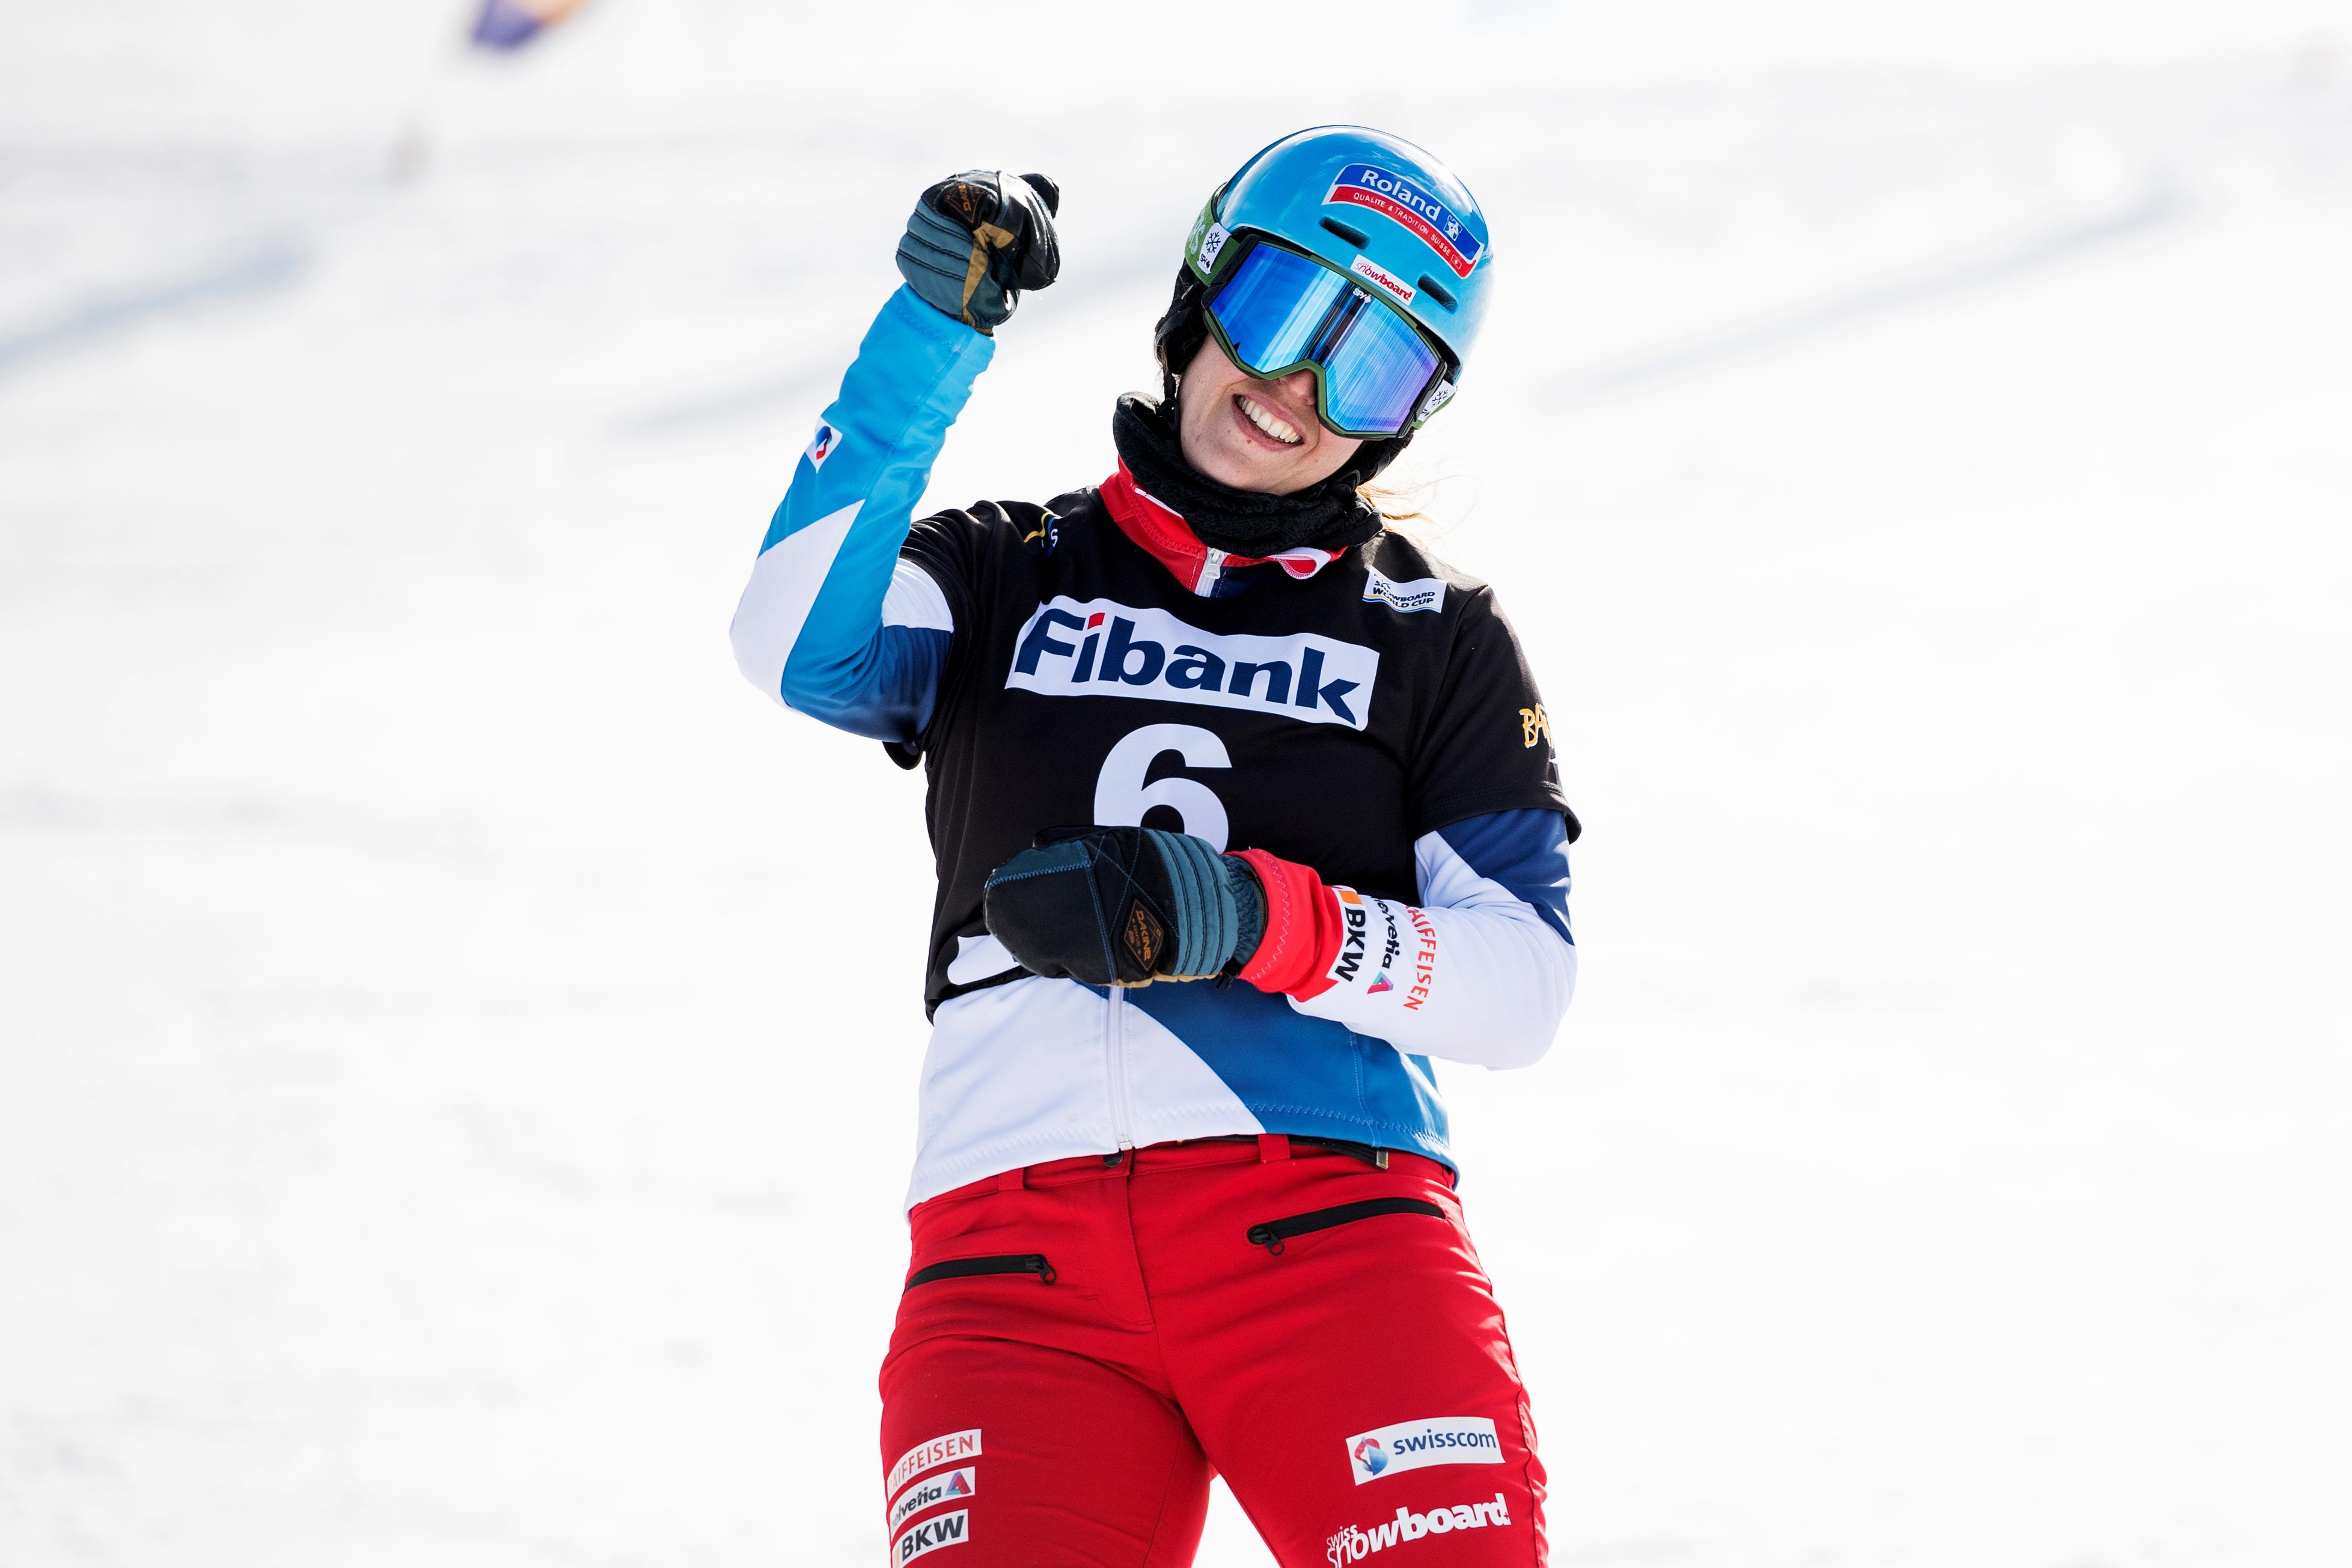 Patrizia Kummer jubelt über ihren Weltcupsieg im Parallel Riesenslalom von Bansko Anfangs Februar 2017.